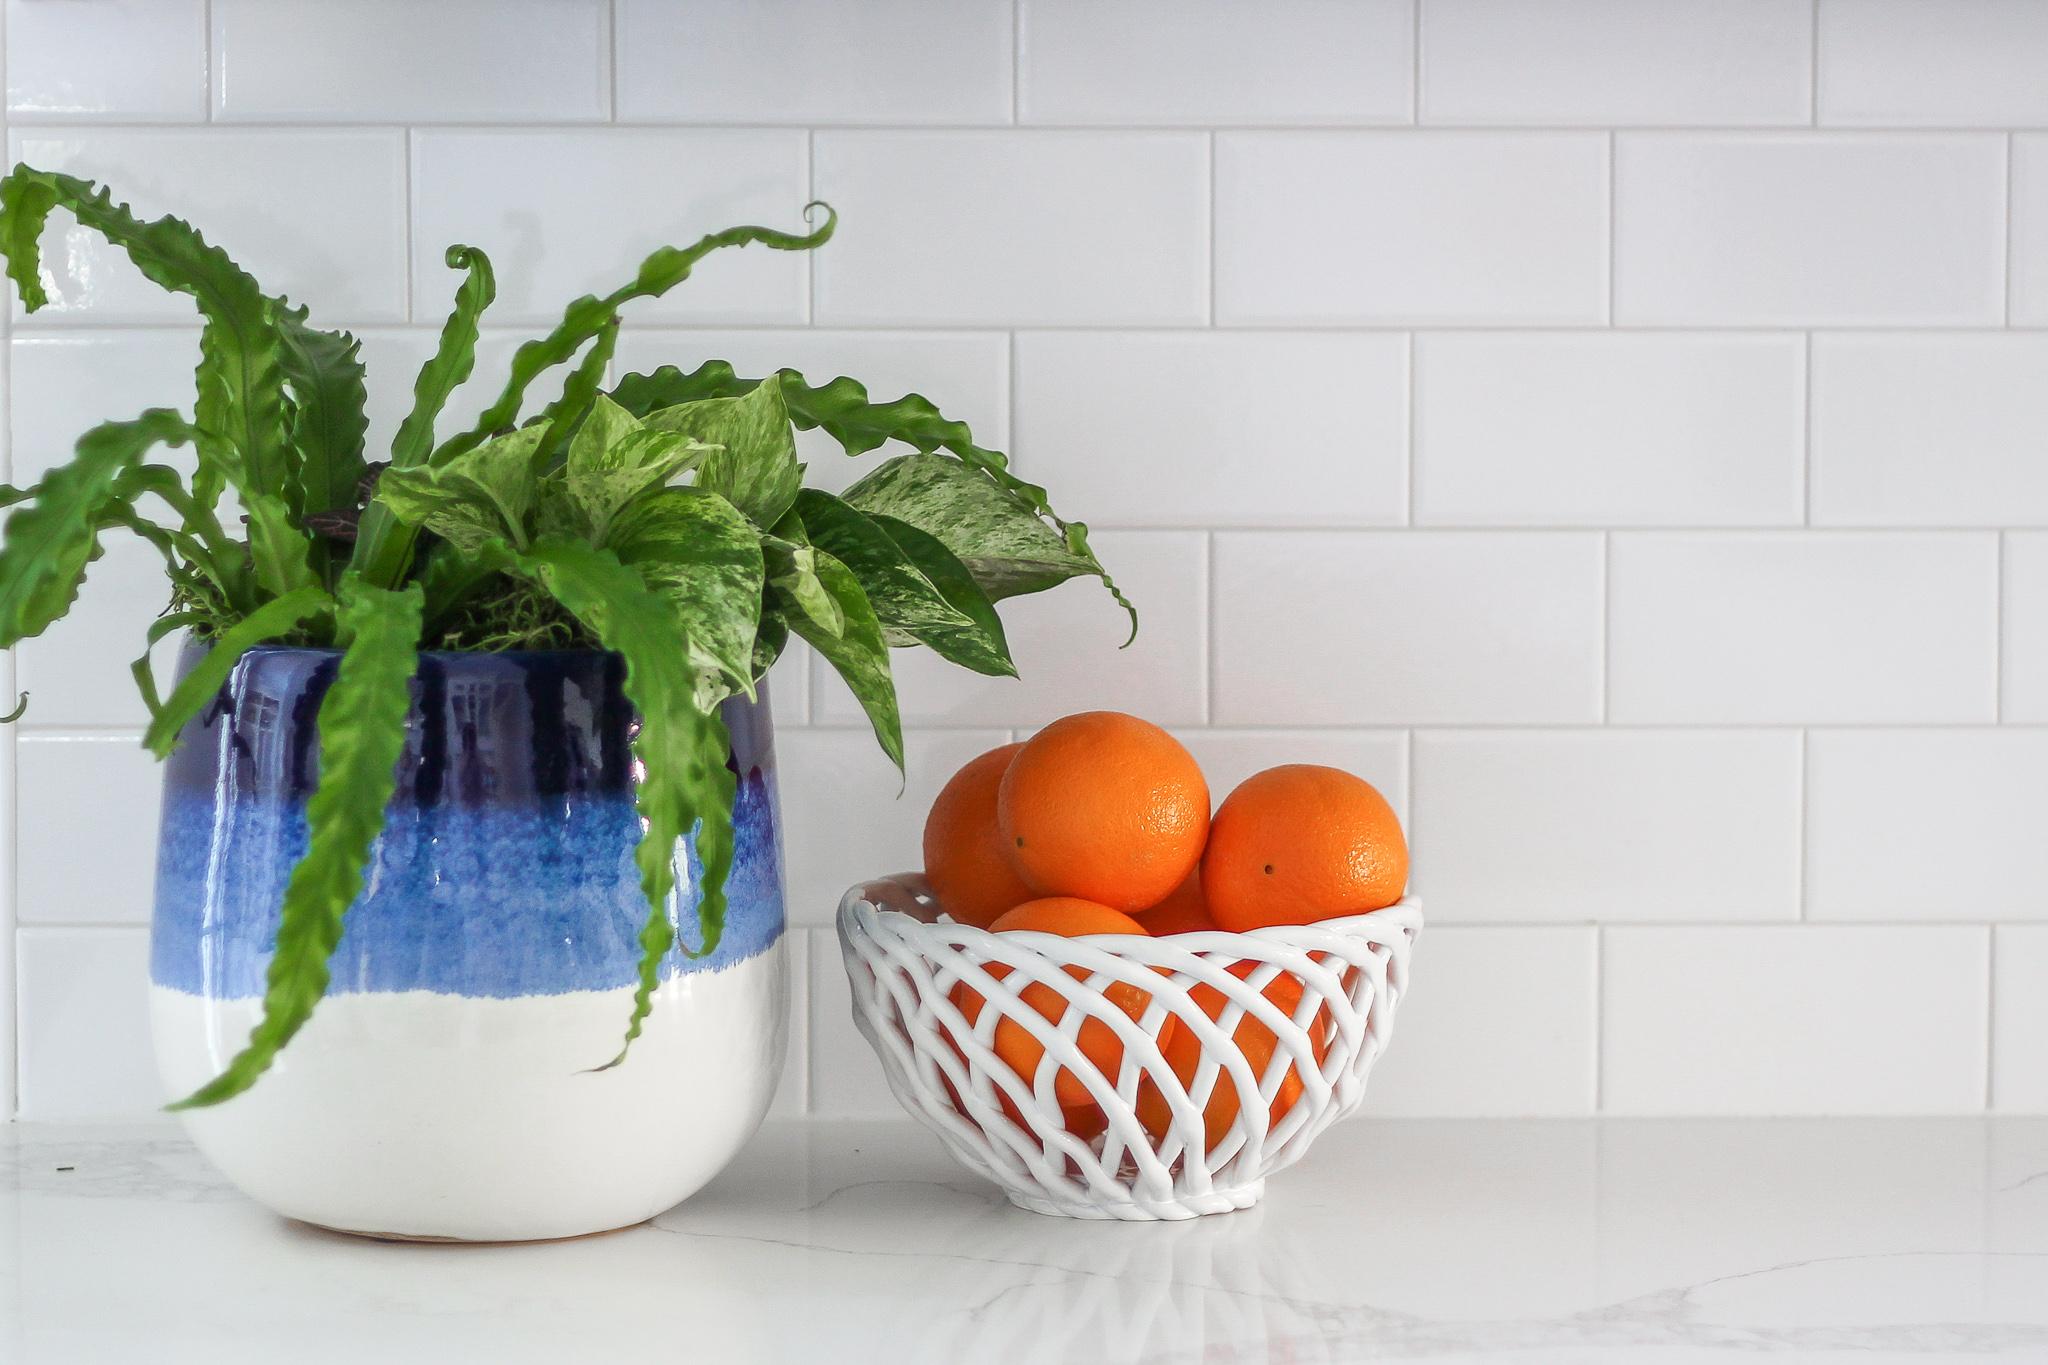 oranges in bowl kitchen counter